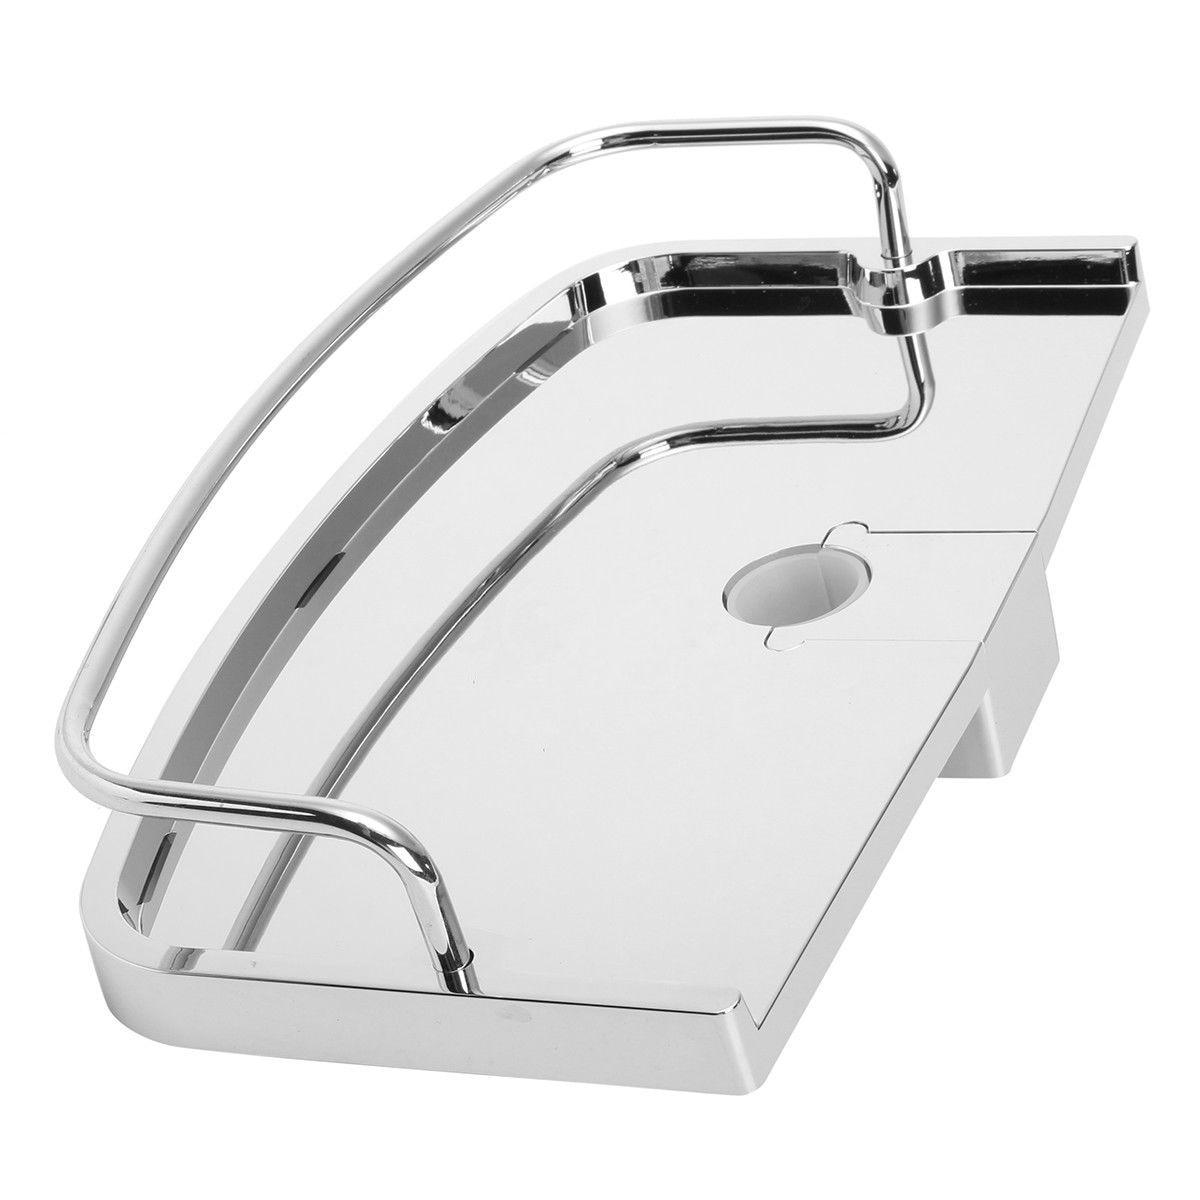 NHBR-Bathroom Pole Shelf Shower Storage Caddy Rack Organiser Tray Holder Dia 24Mm